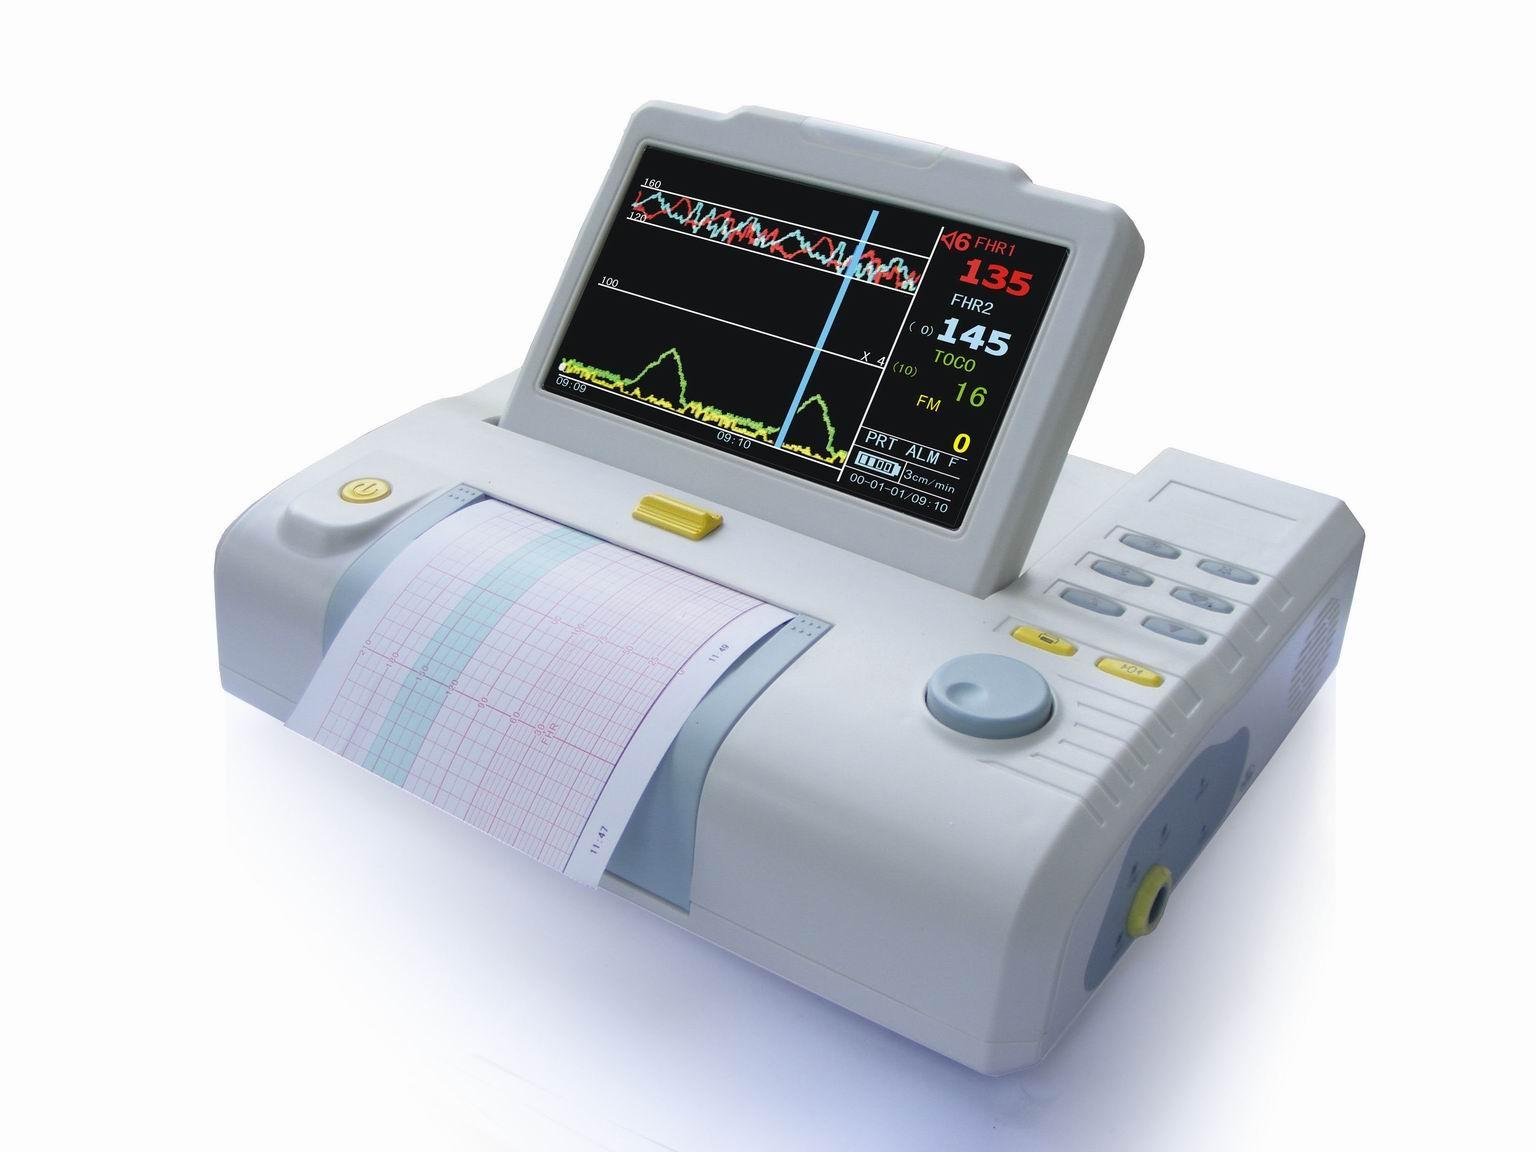 Doğumsal Kalp Sorunları ve Risk Faktörleri